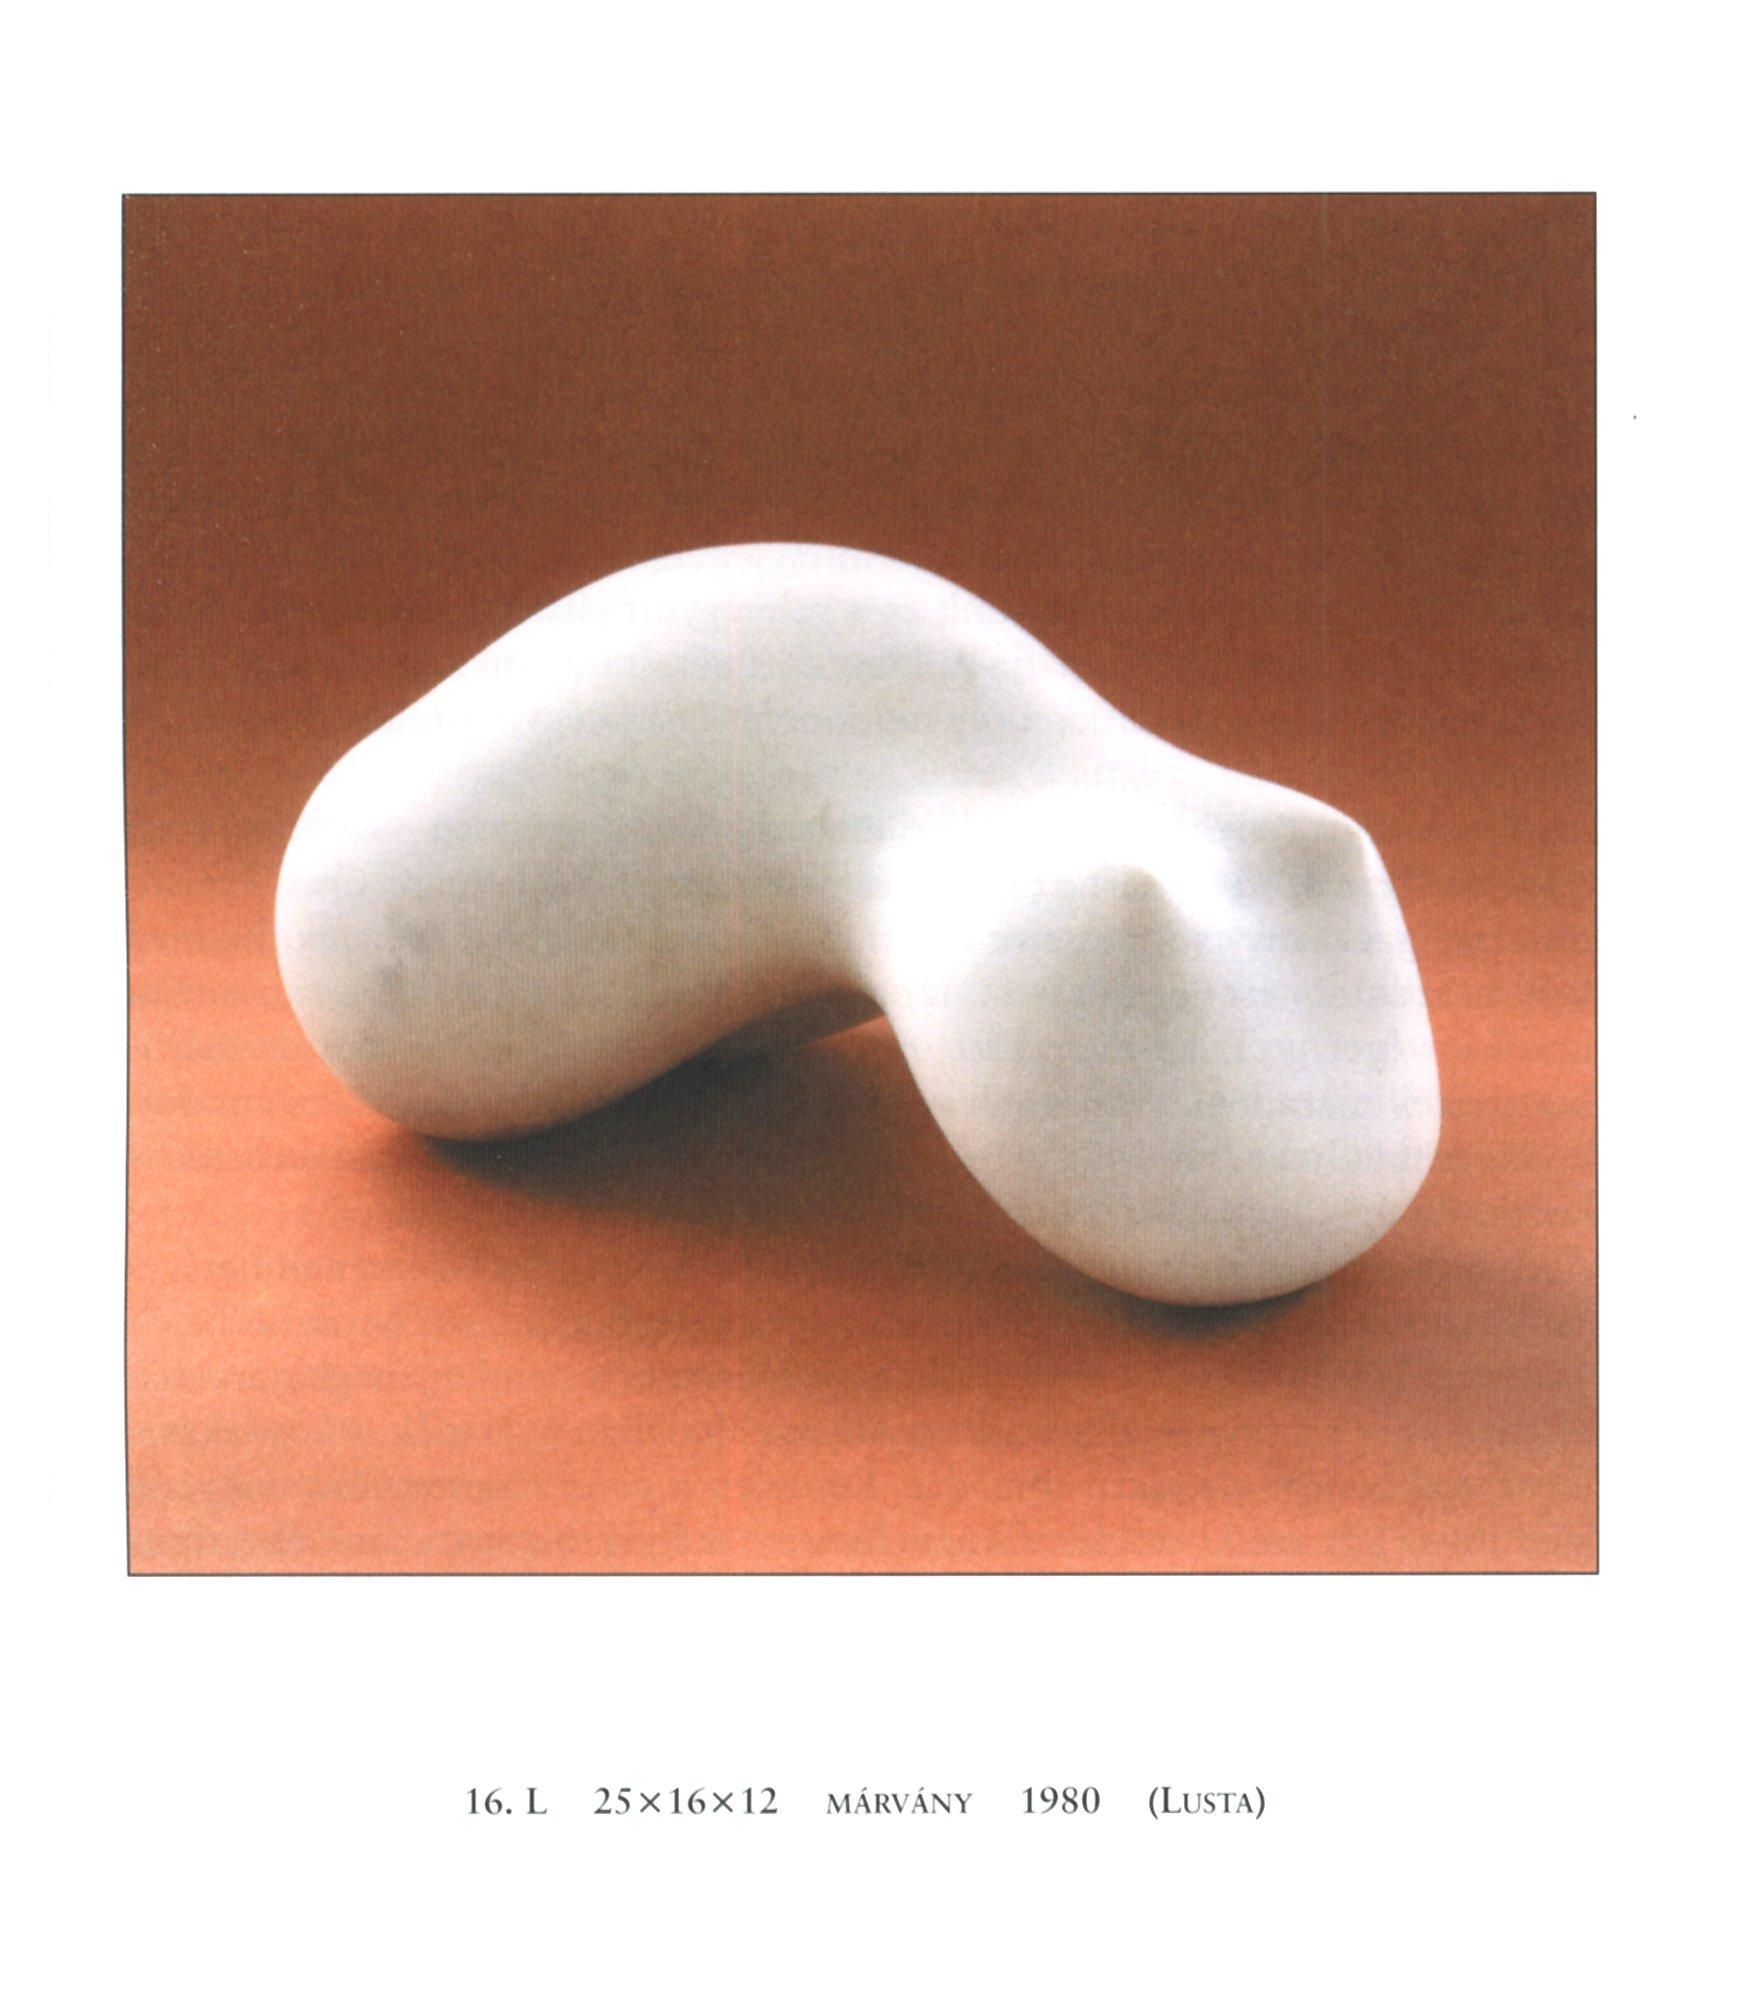 ereszkedő pénisz tippek a péniszének nagyításához